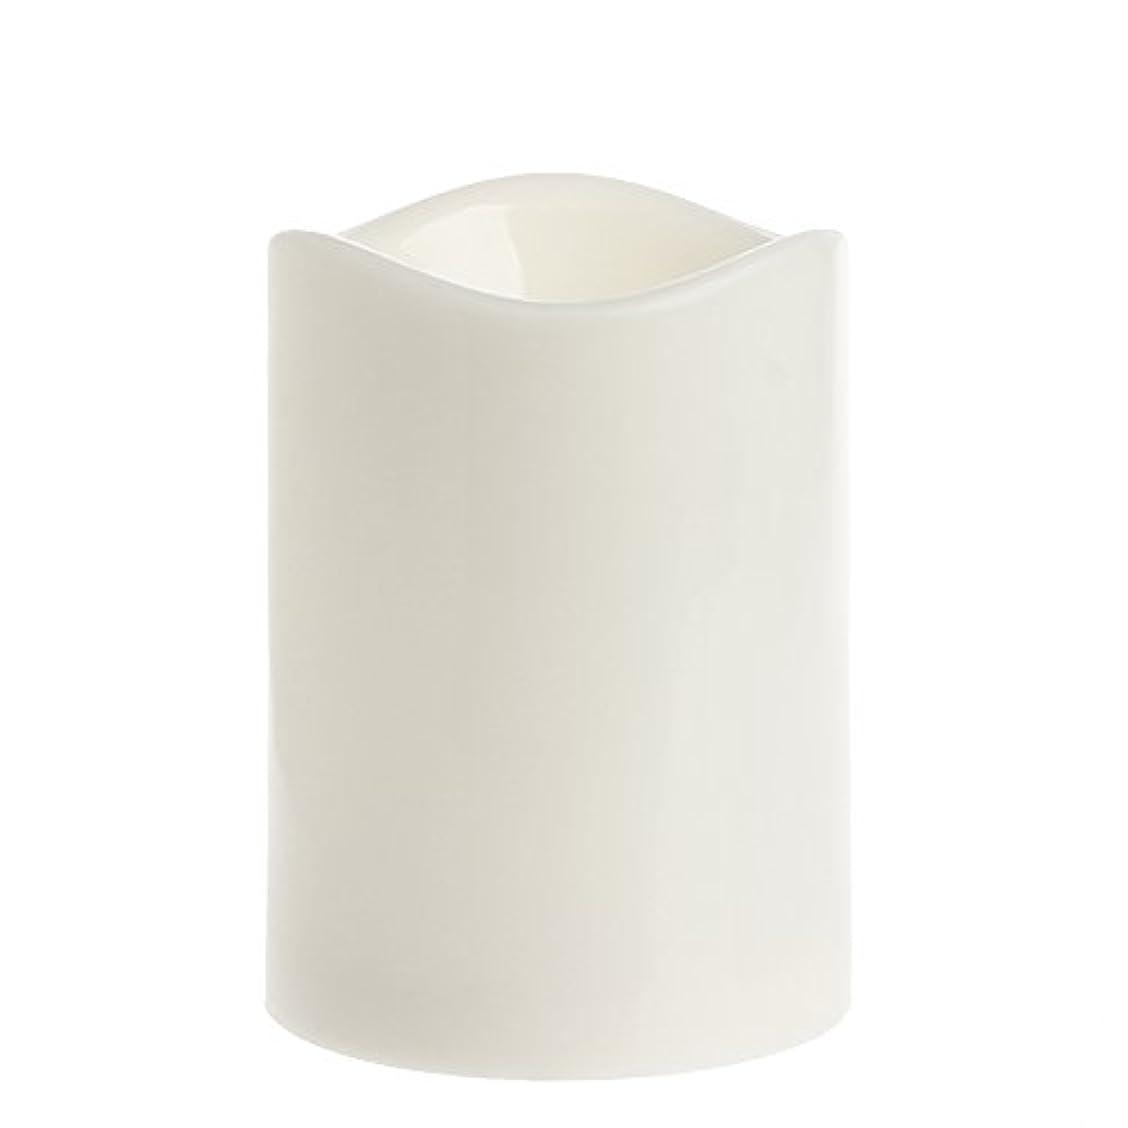 推定解く週間SimpleLifeロマンチックFlameless LED電子キャンドルライトウェディング香りワックスホームインテリア